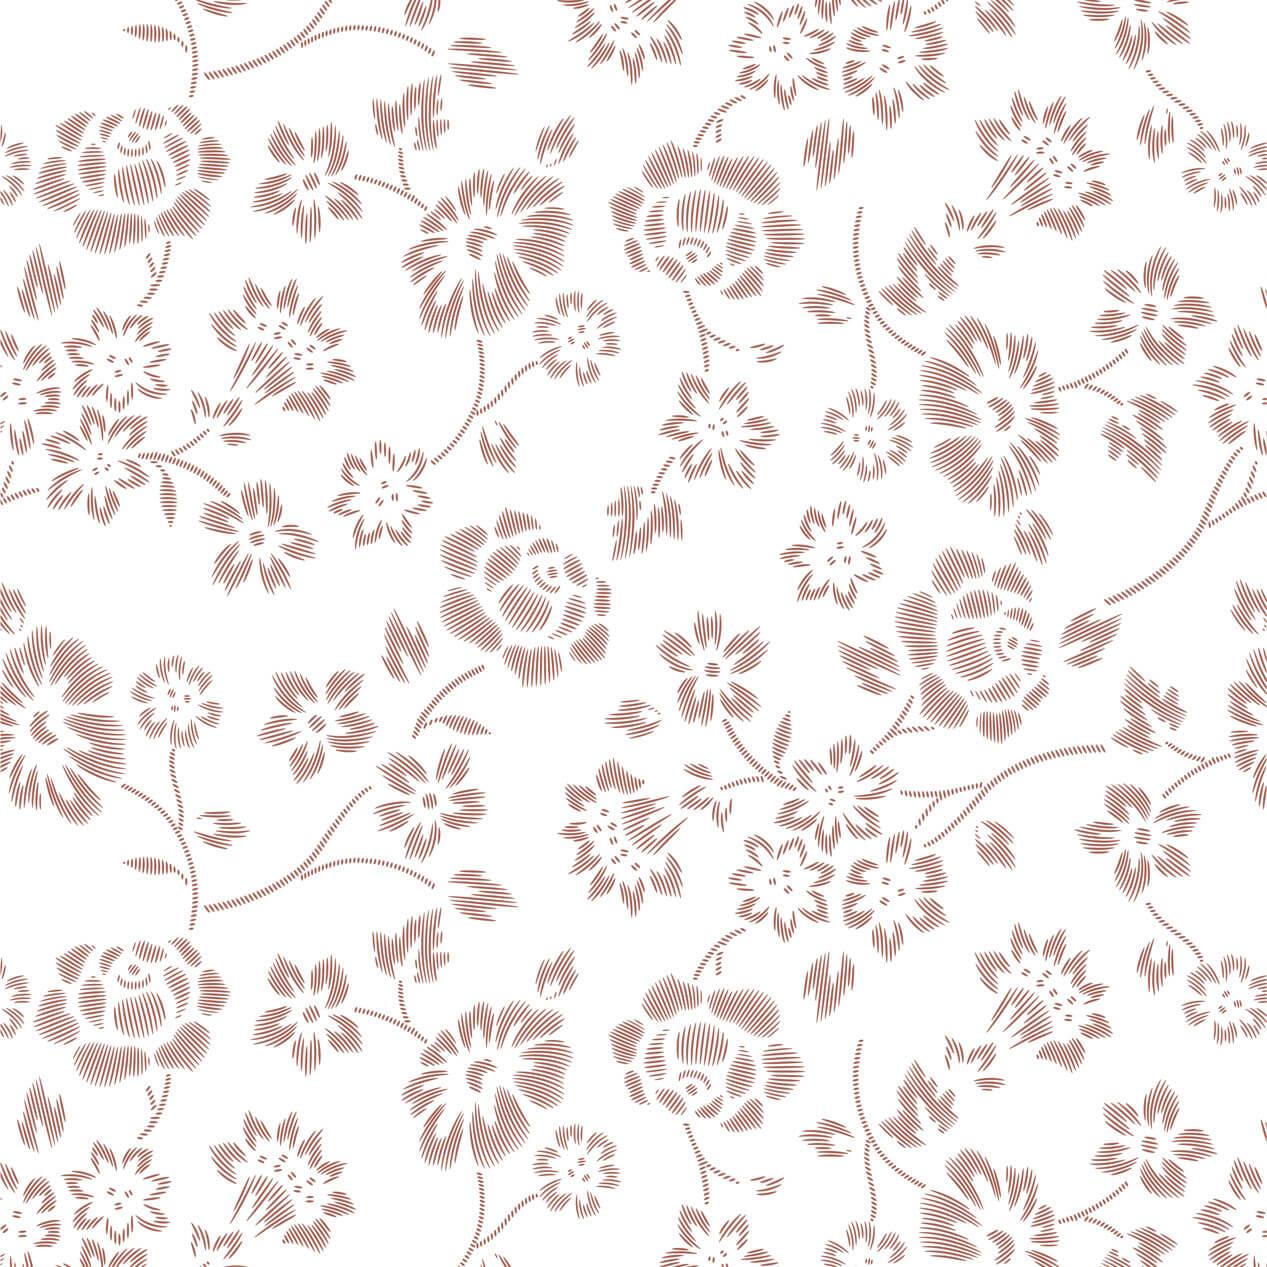 Papel de Parede Floral Marrom Desenho Riscas